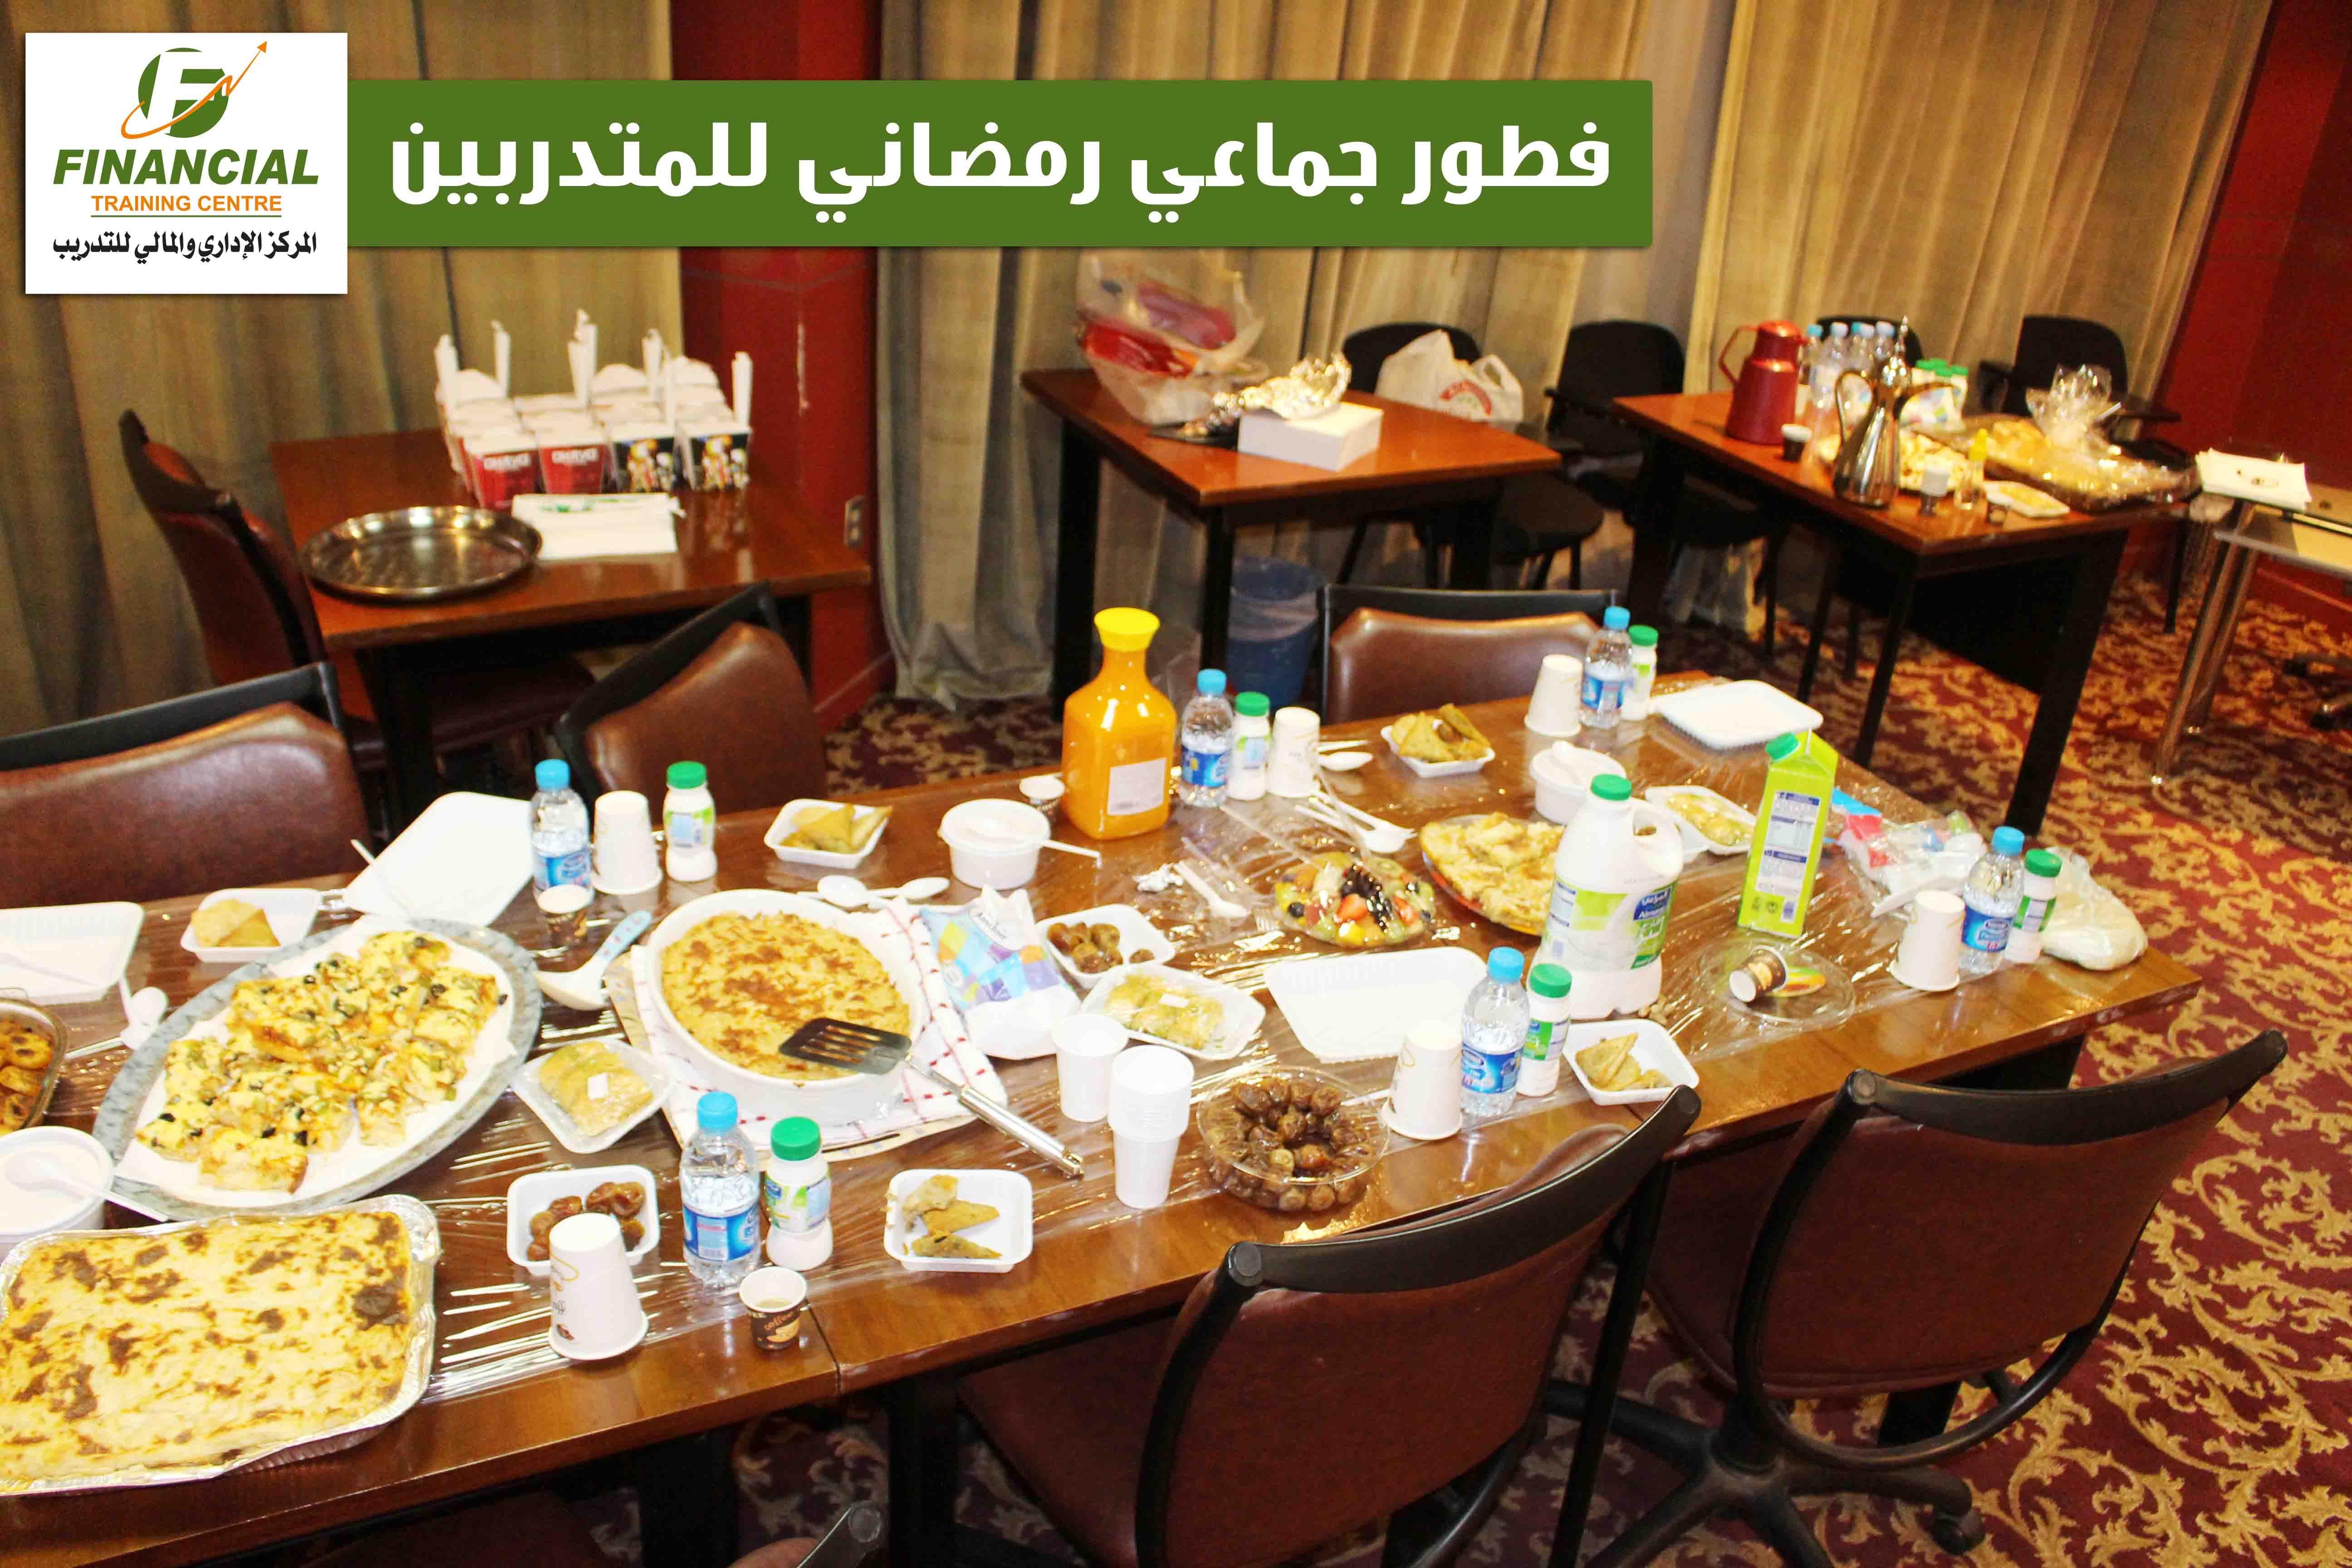 أقام منسوبي ومتدربي المركز الإداري والمالي للتدريب حفل إفطار جماعي في صالة المركز الرئيسية يوم امس الاربعاء الموافق 24 رمضان 1437 هـ يتقدم المرك Breakfast Food